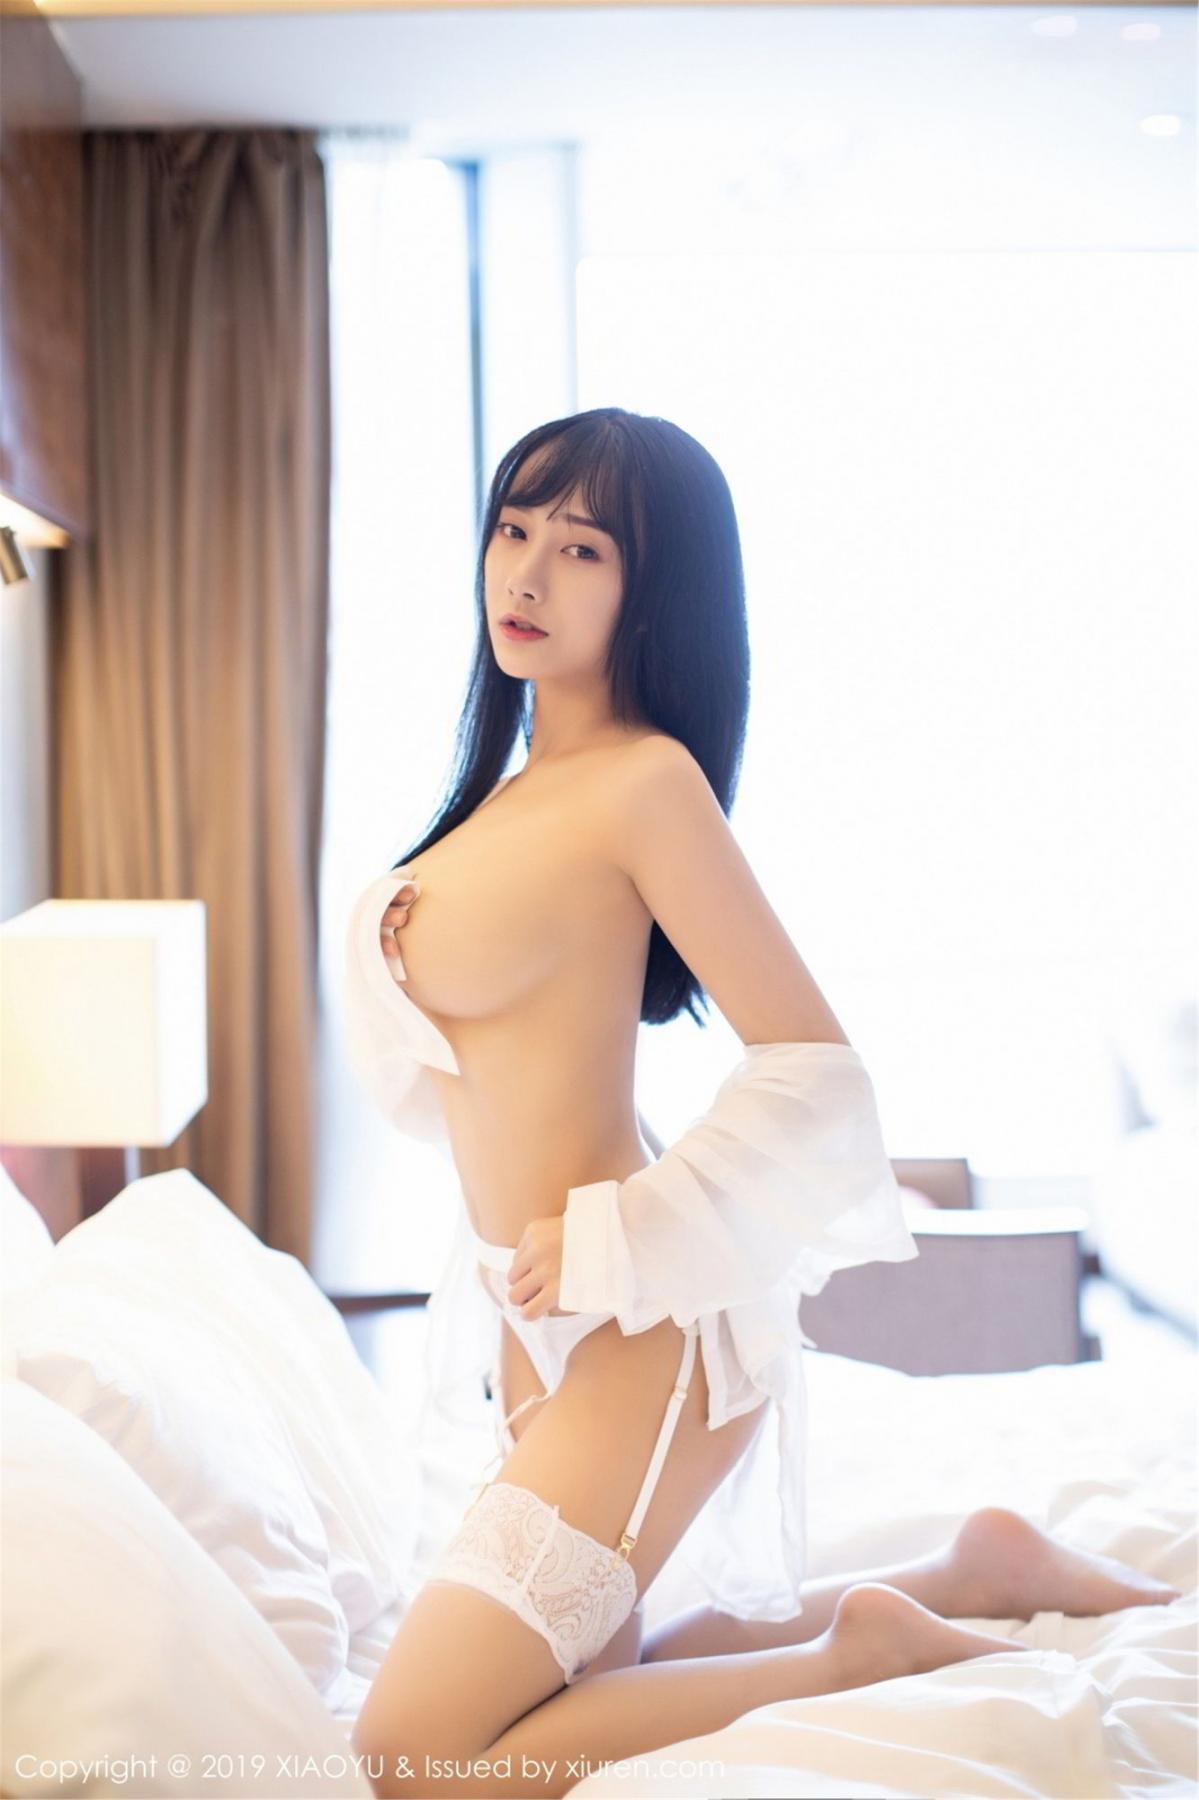 [XiaoYu] Vol.076 He Jia Ying 70P, He Jia Ying, Underwear, XiaoYu